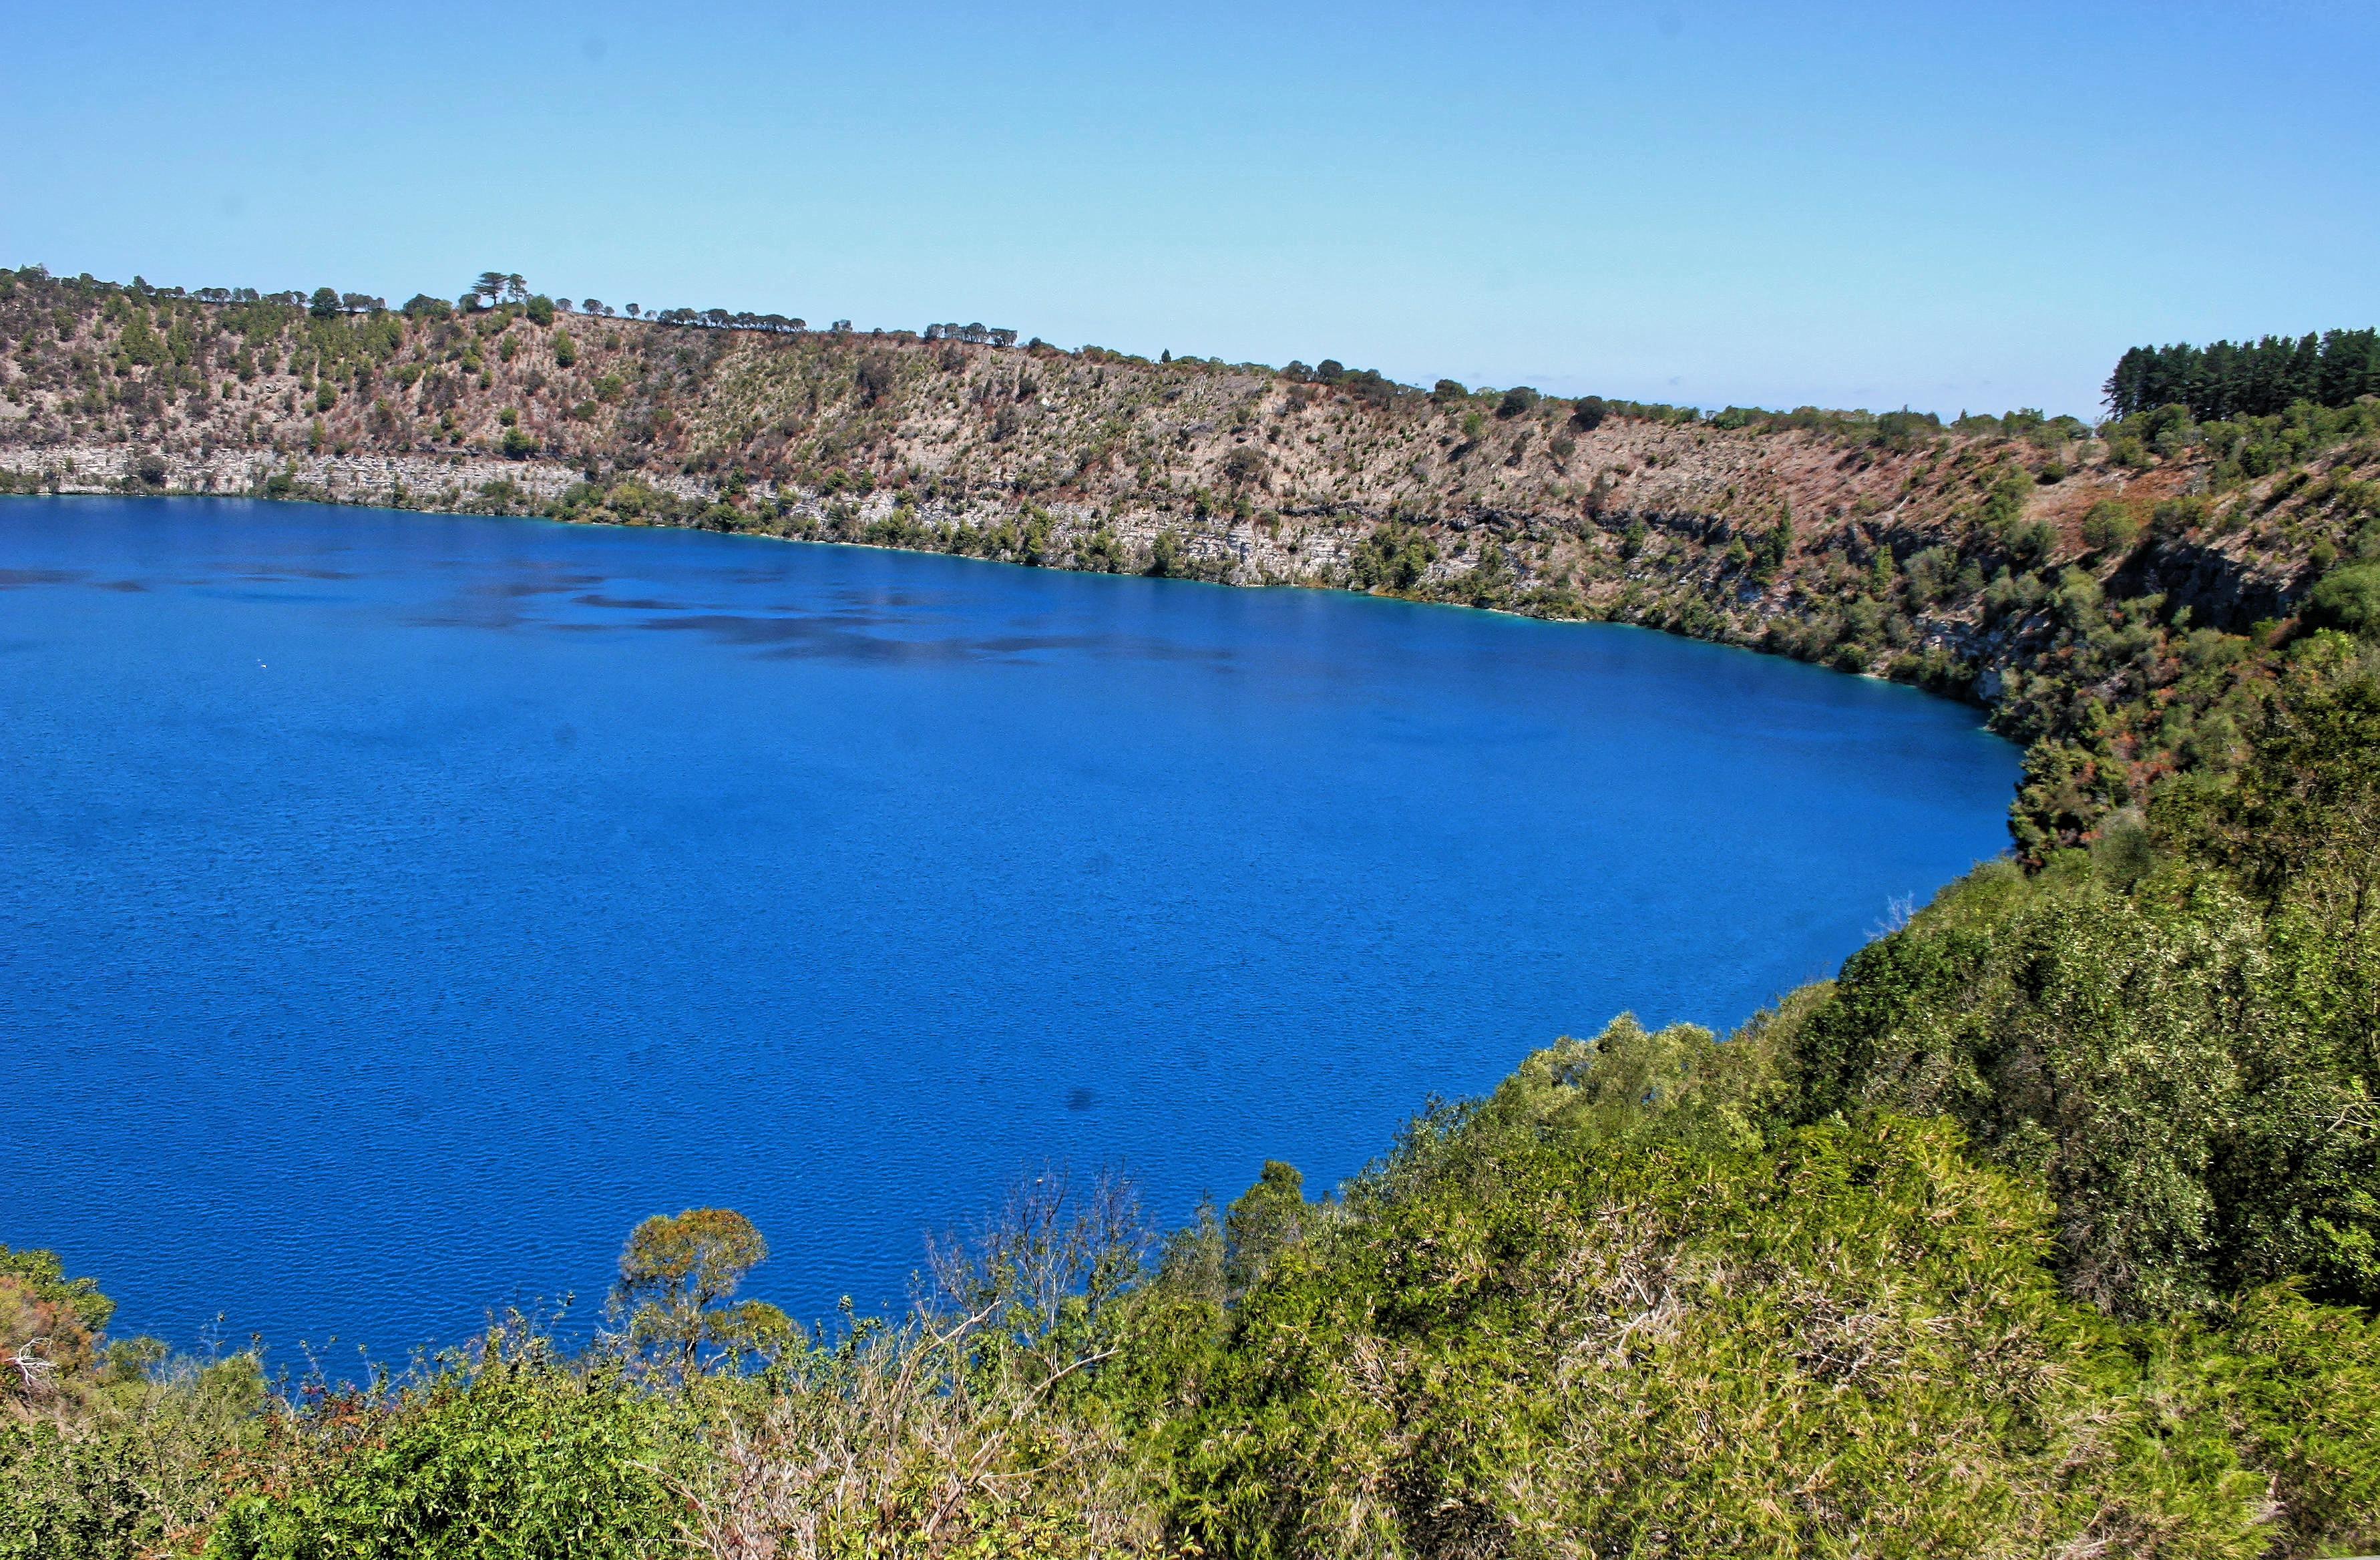 blue-lake-4.jpeg